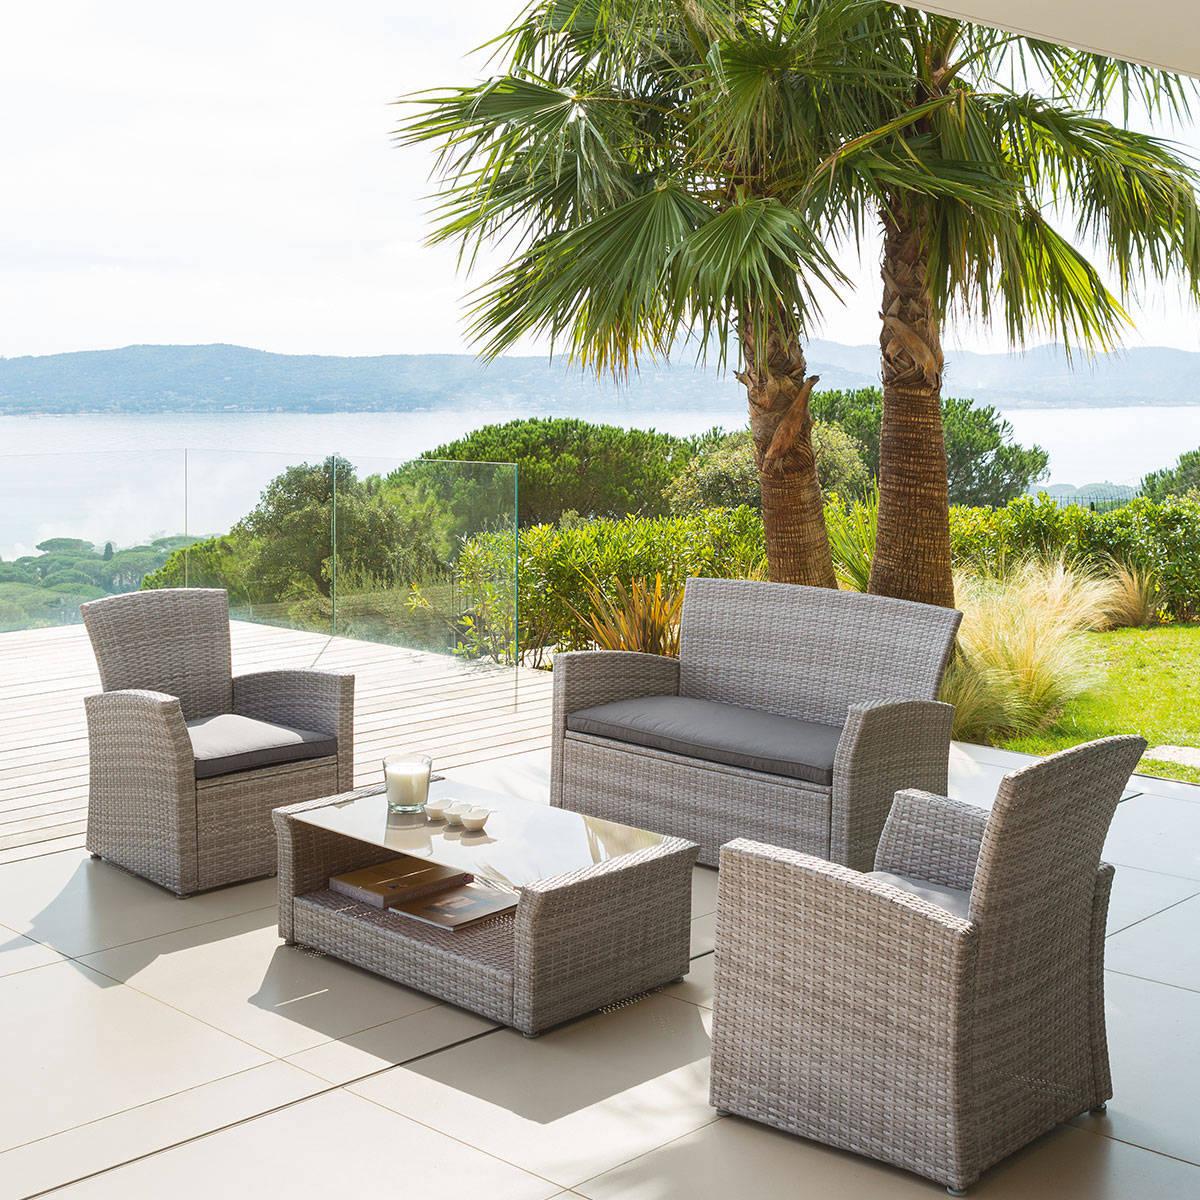 Salon de jardin Bora Bora Grège 4 places - Acier traité époxy, Résine tressée, Polyester - Hespéride grège